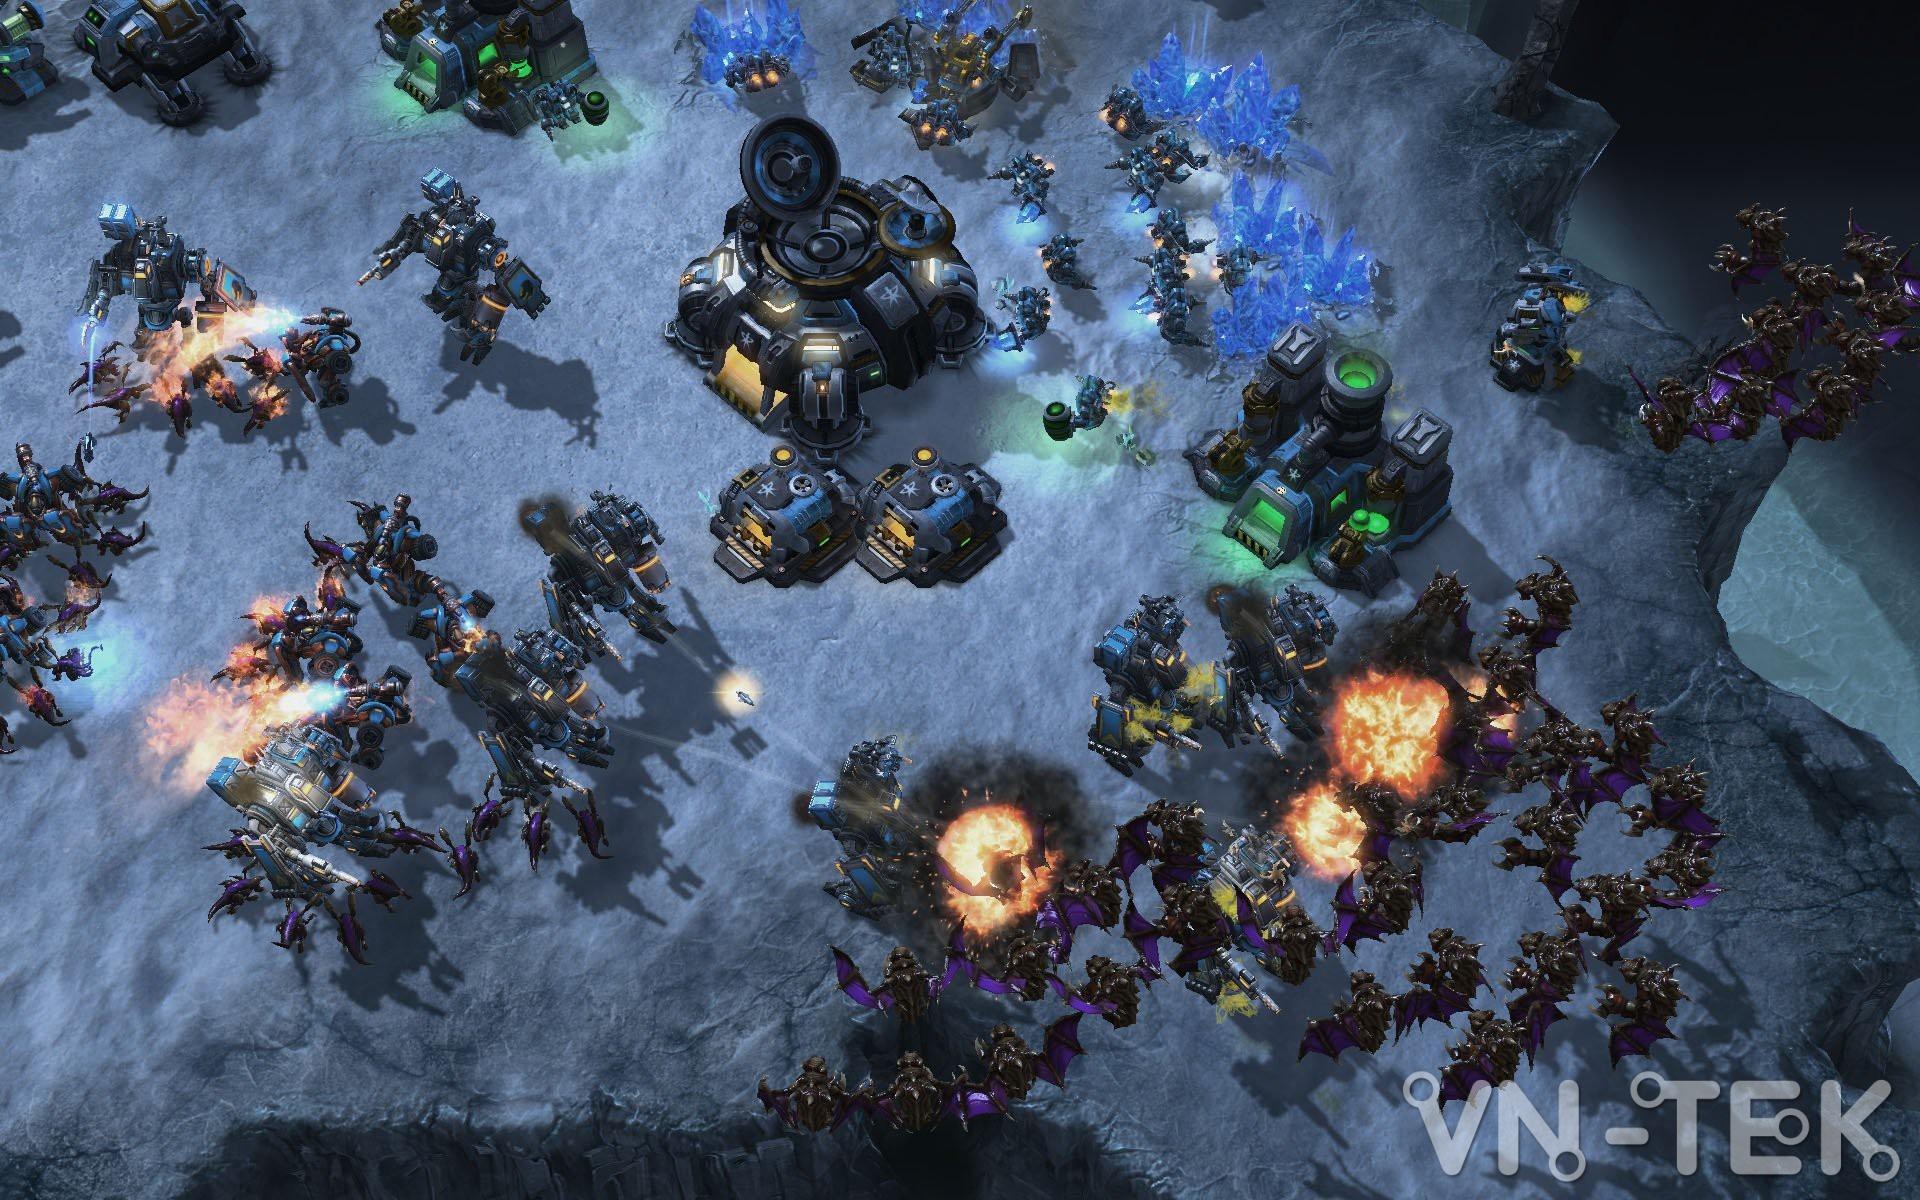 starcraft 2 cho choi mien phi 1 - StarCraft 2 cho chơi miễn phí sau 7 năm ròng rã